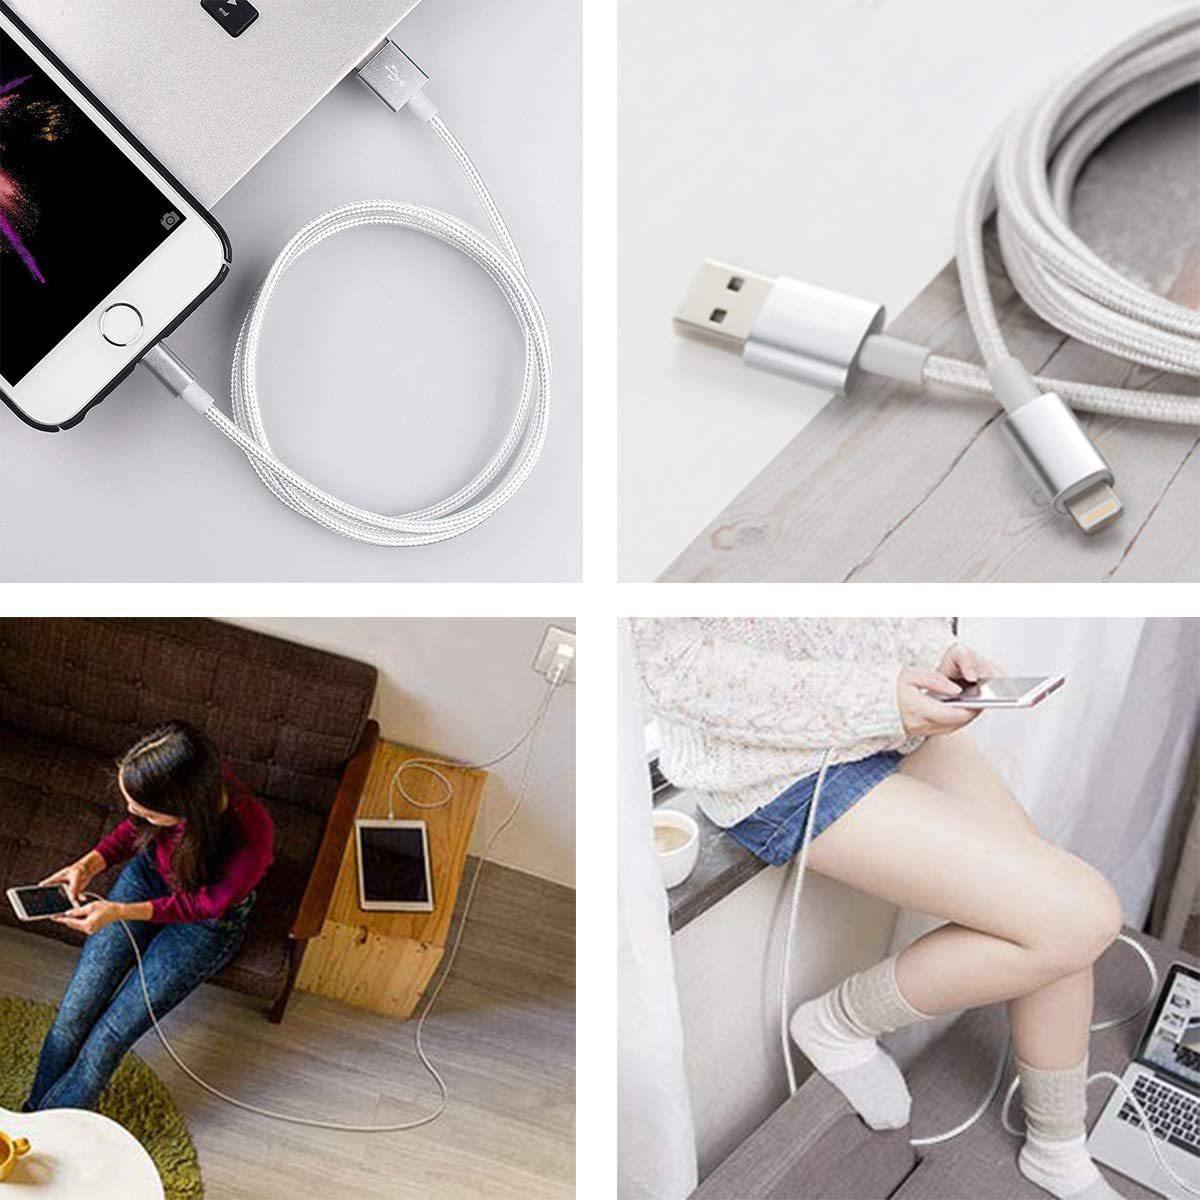 送料¥120 iPhone iPad 充電 ライトニングケーブル 2m データ転送 Lightningケーブル 断線に強い! 高耐久ナイロン編み アルミコネクタ_画像7